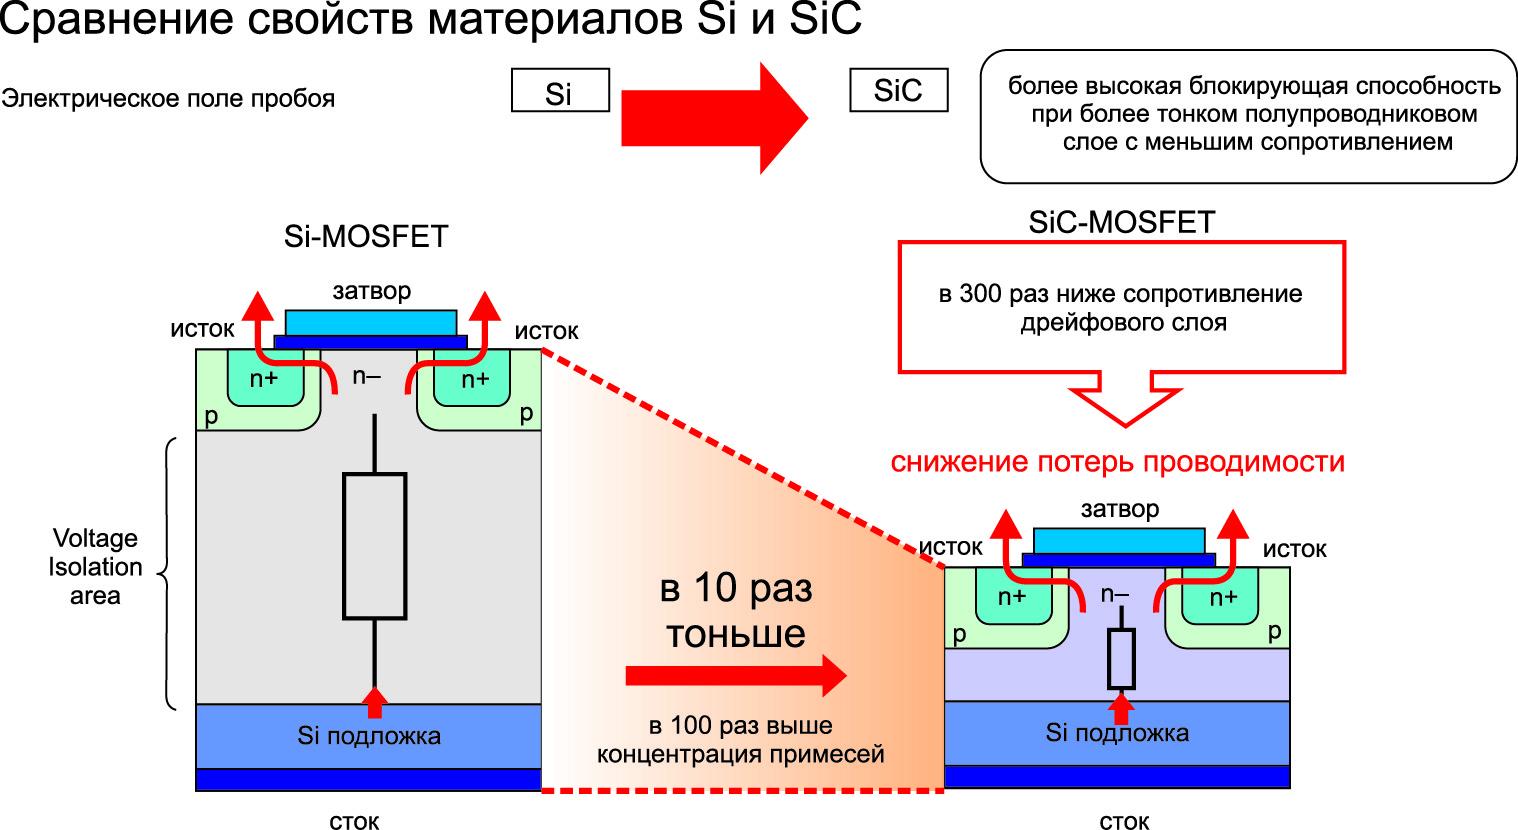 Снижение толщины слоев за счет повышенной пробивной напряженности поля SiC ведет к уменьшению потерь проводимости